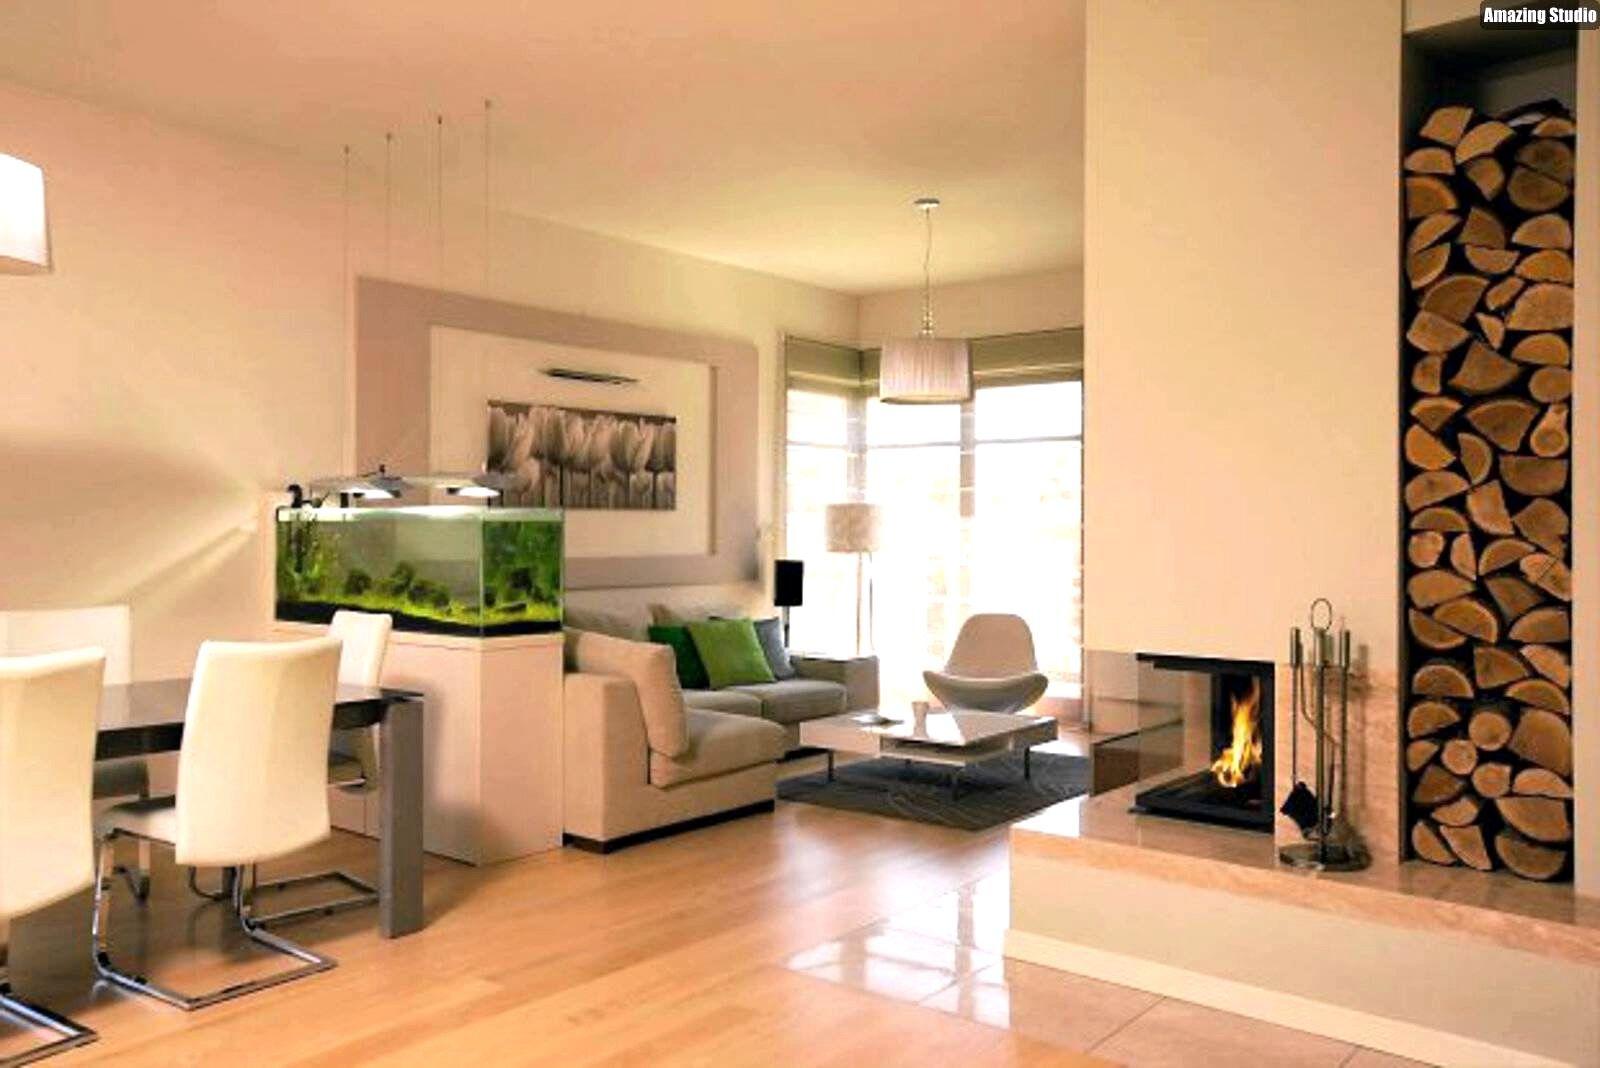 inneneinrichtung ideen wohnzimmer   Room, Home decor ...